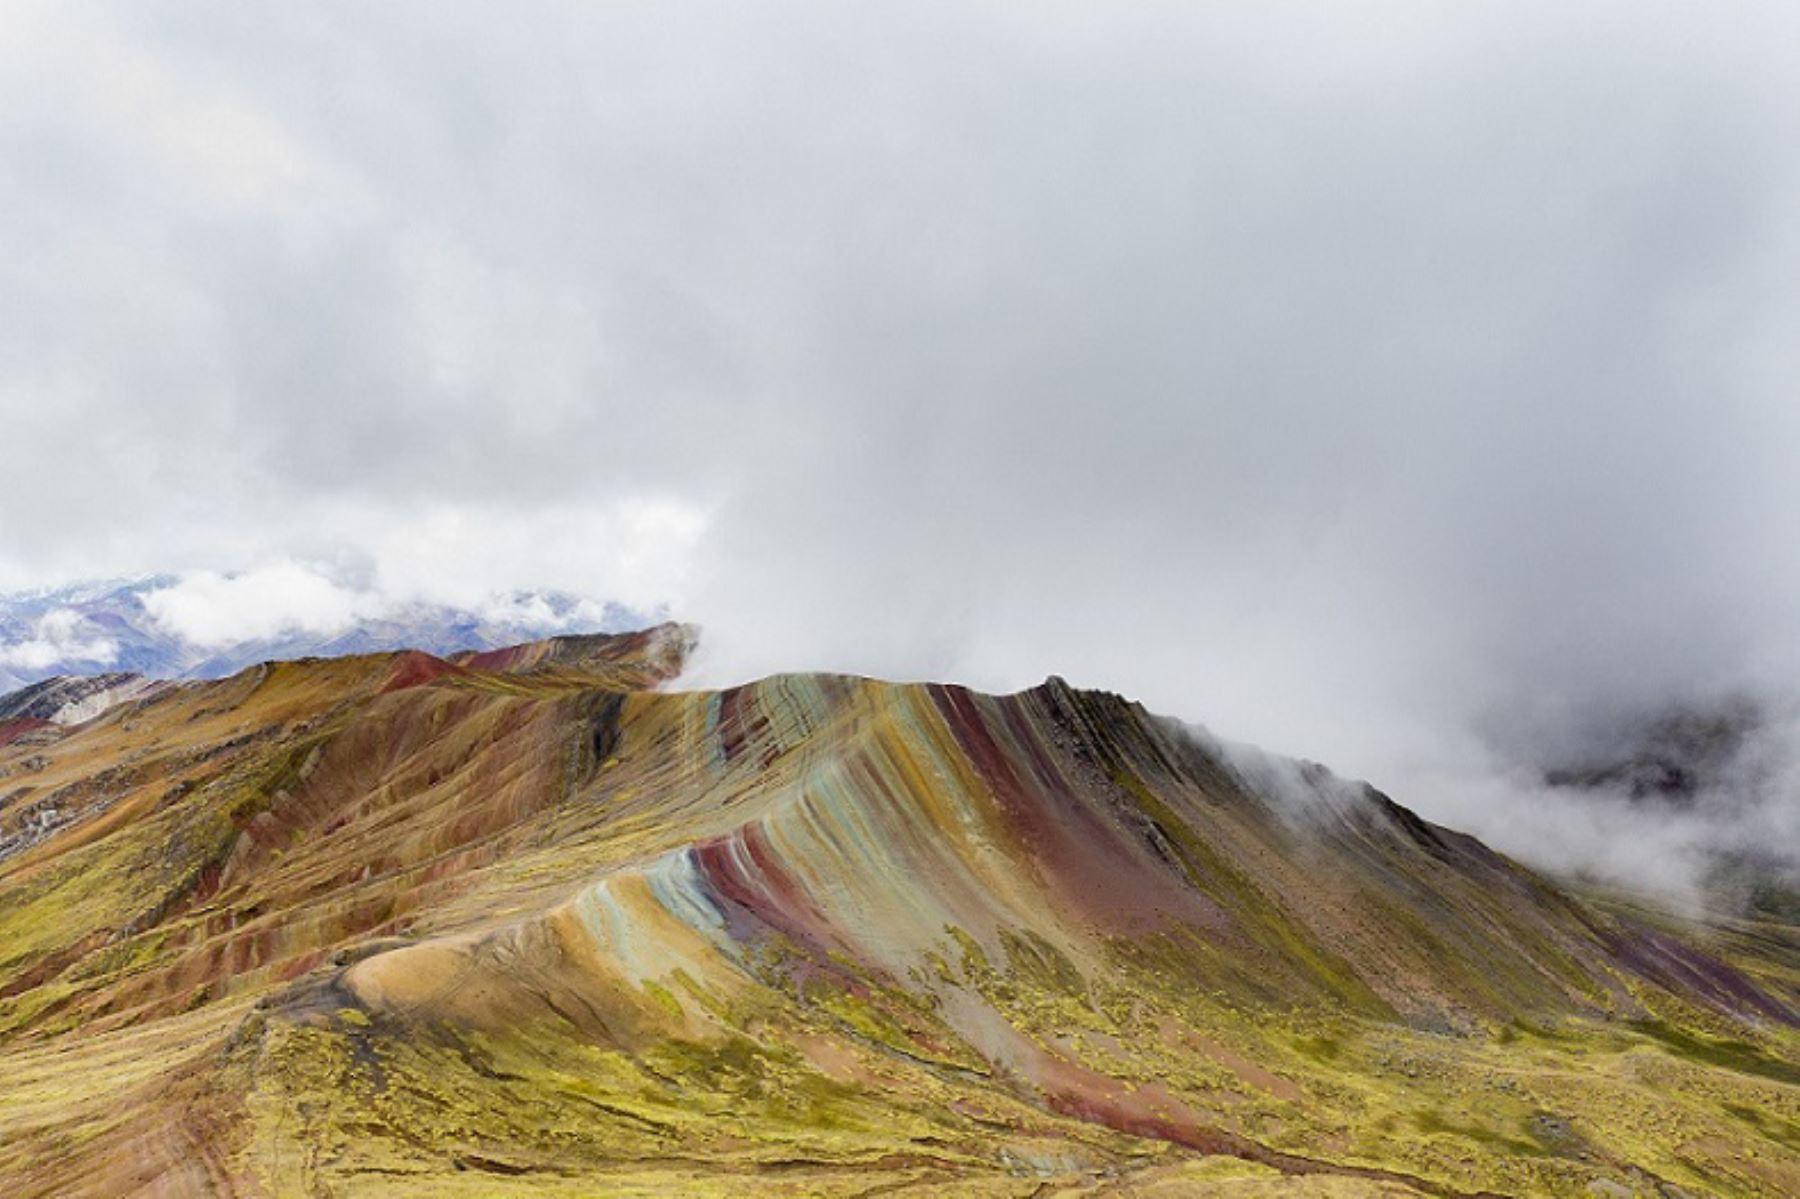 La montaña Palccoyo, llamada también montaña Arcoíris, es el deslumbrante nuevo destino turístico que ofrece Cusco. ANDINA/Difusión